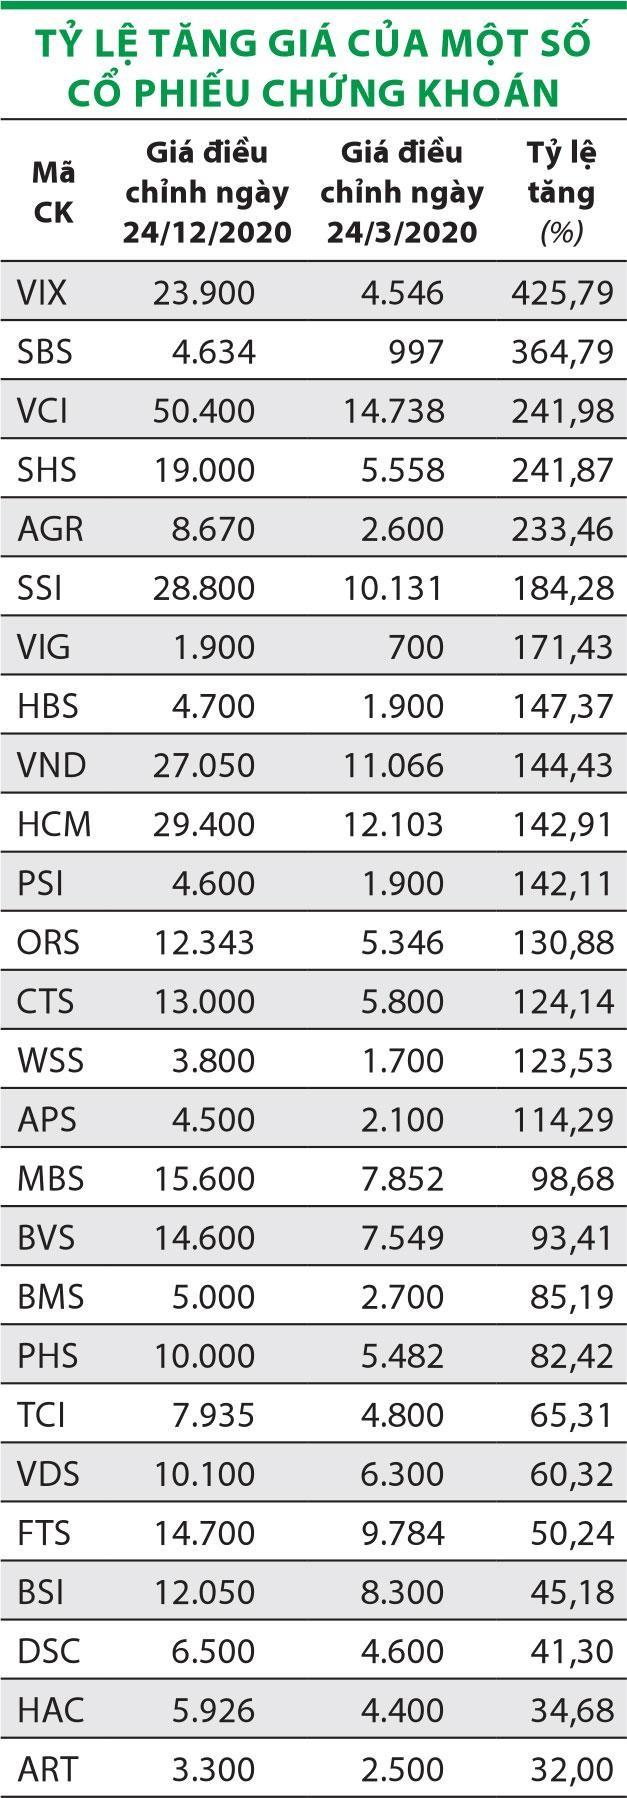 """Cổ phiếu chứng khoán: """"Sóng thần"""" hay vực sâu? ảnh 1"""